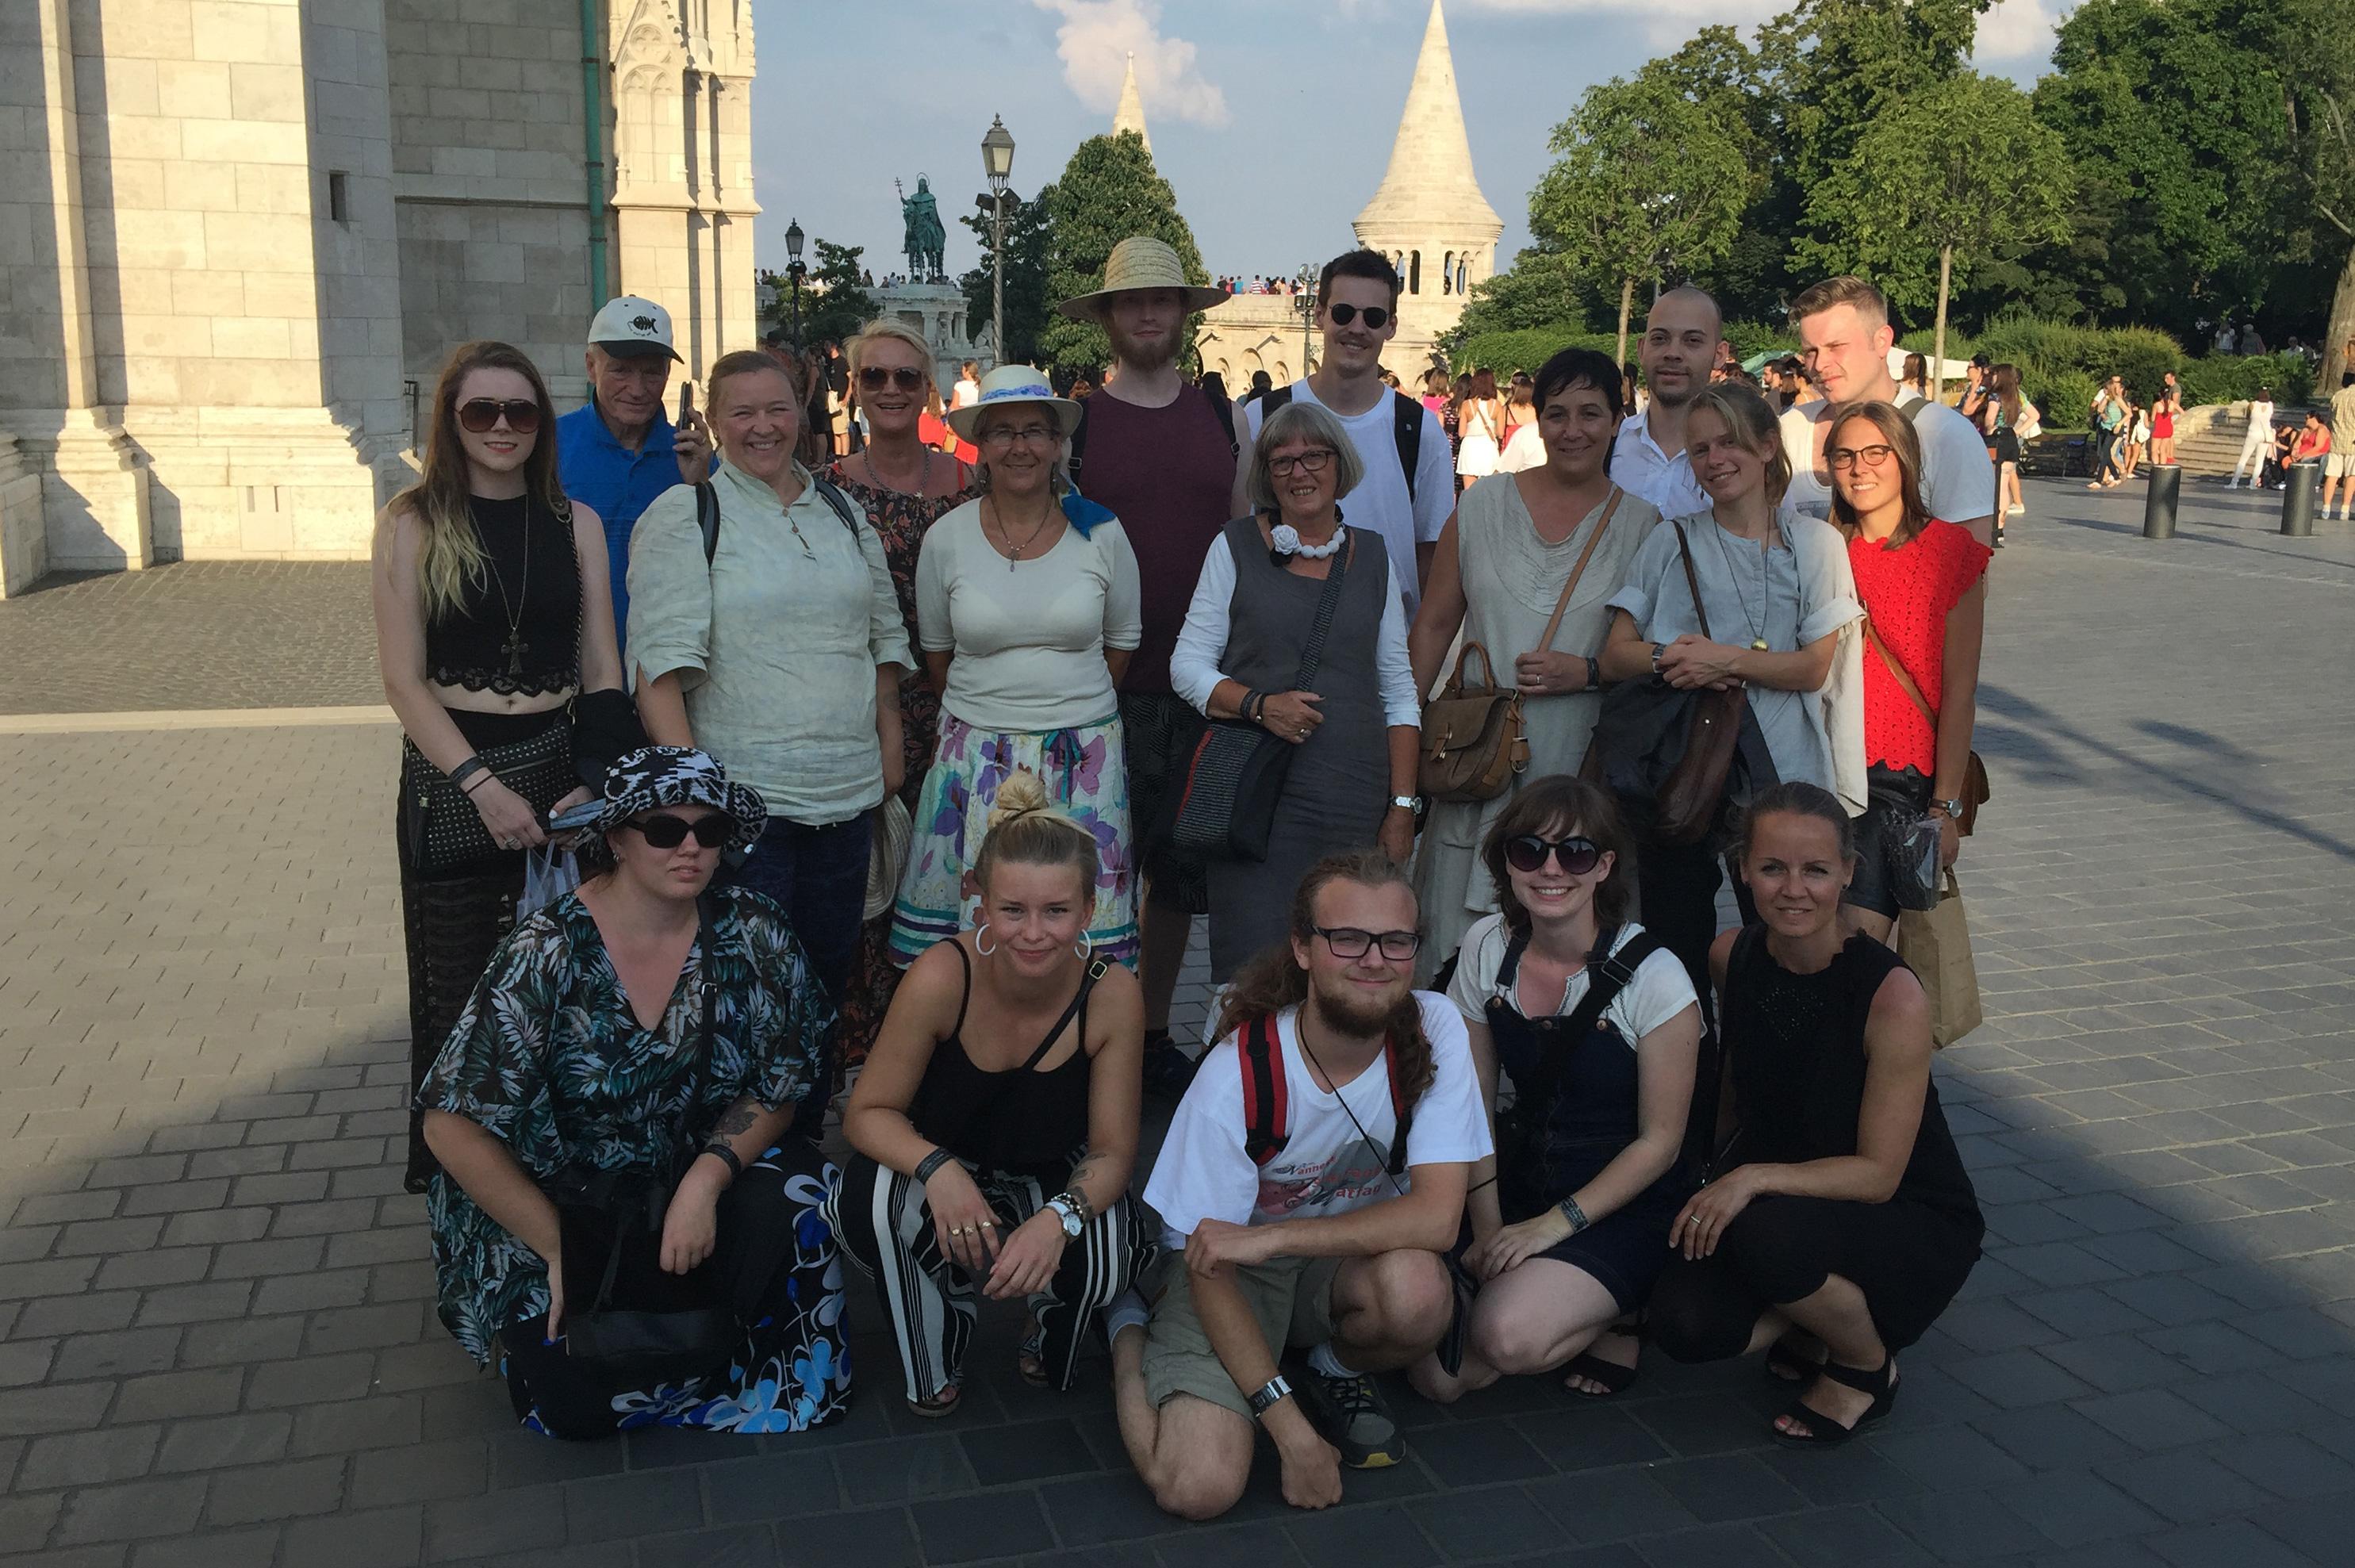 Opplevelsene har stått i kø og inntrykkene har vært mange. En ting som er sikkert er at Budapest-turen for Kulturringens lærlinger har bydd på et stort mangfold – kunst, stil- og kuturhistorie. Sist, men ikke minst – få lov til å oppleve håndverkskulturer og se at det nytter. Her øverst fra venstre Katrine Sagstuen, Inge Hasselberg, Kristine Kandal-Ilagsmoen, Unni Kjus, Hilde Nødtvedt, Anders Hansen, Gerd Harstad, Morten Bjerke, May Tove Lindås Berg, Bjørn Kjus, Kristine Træland, Bjørn Galdal, Henriette Grøndahl. Foran t.v. May-Liss Kristiansen, Eilen Jørgensen, Daniel Røkholt, Marthe Sikkerbøl og Lena Skutbergsveen.